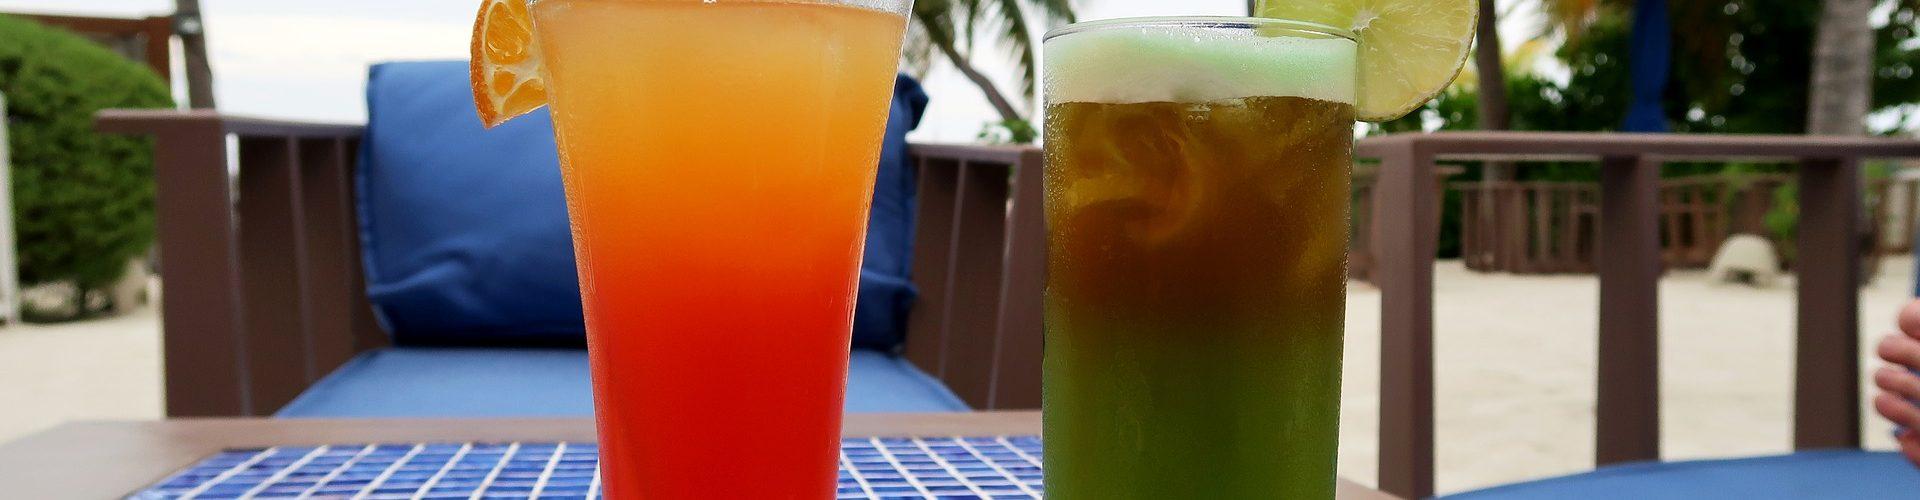 11 Летних напитков, которые сжигают твой жир